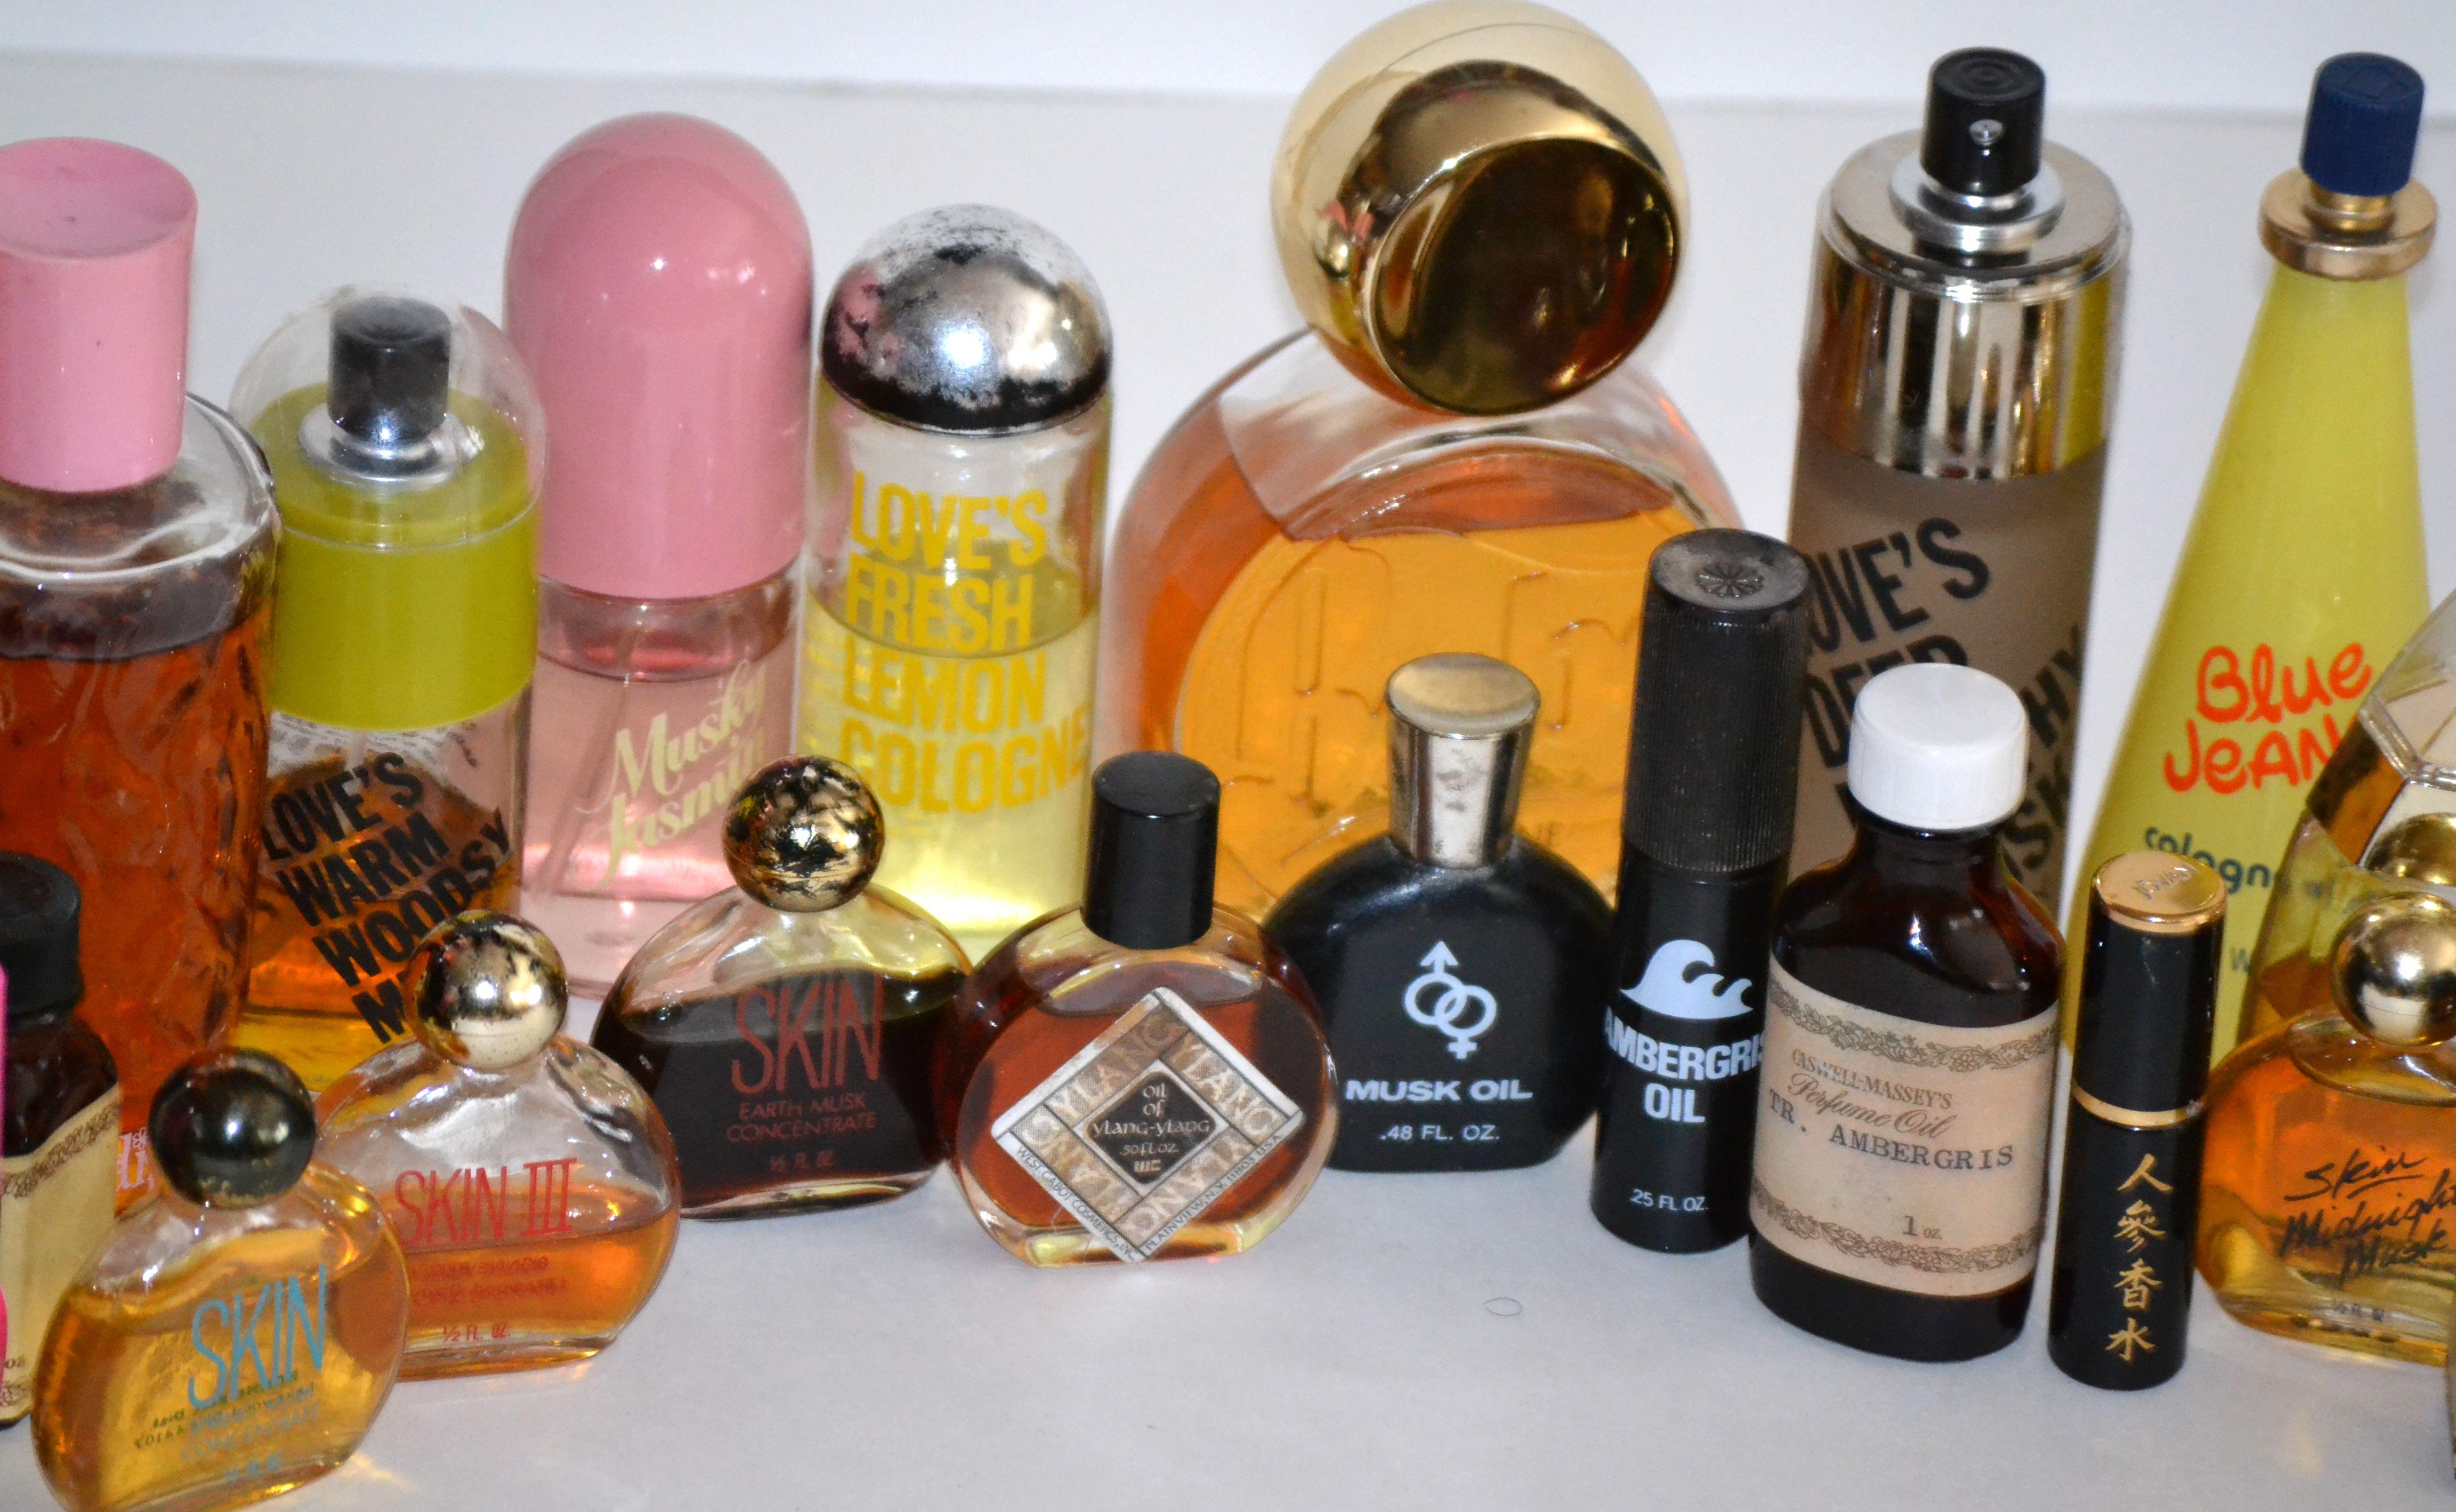 1970s perfume bottles